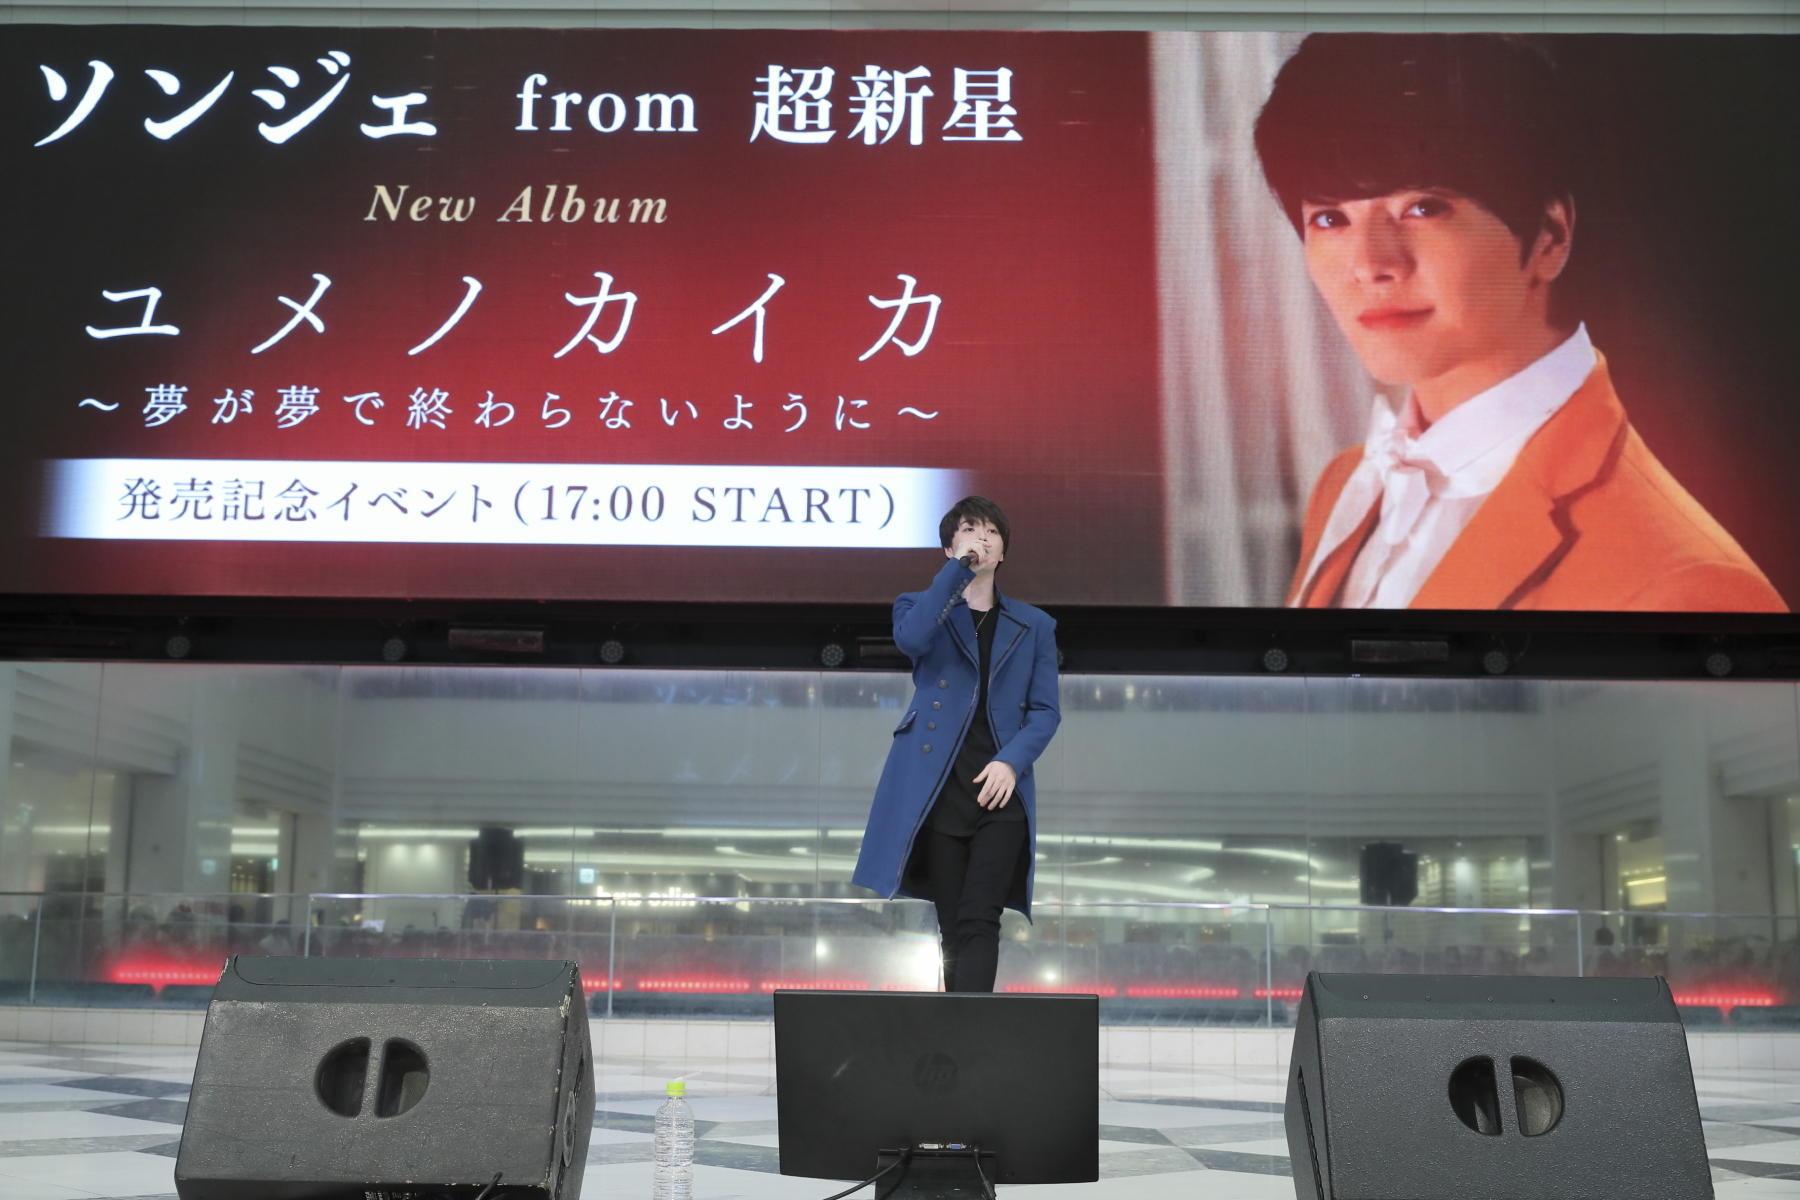 http://news.yoshimoto.co.jp/20180309090613-7d17178cf6eda33f951d4c2d70ce2059c2b1d191.jpg